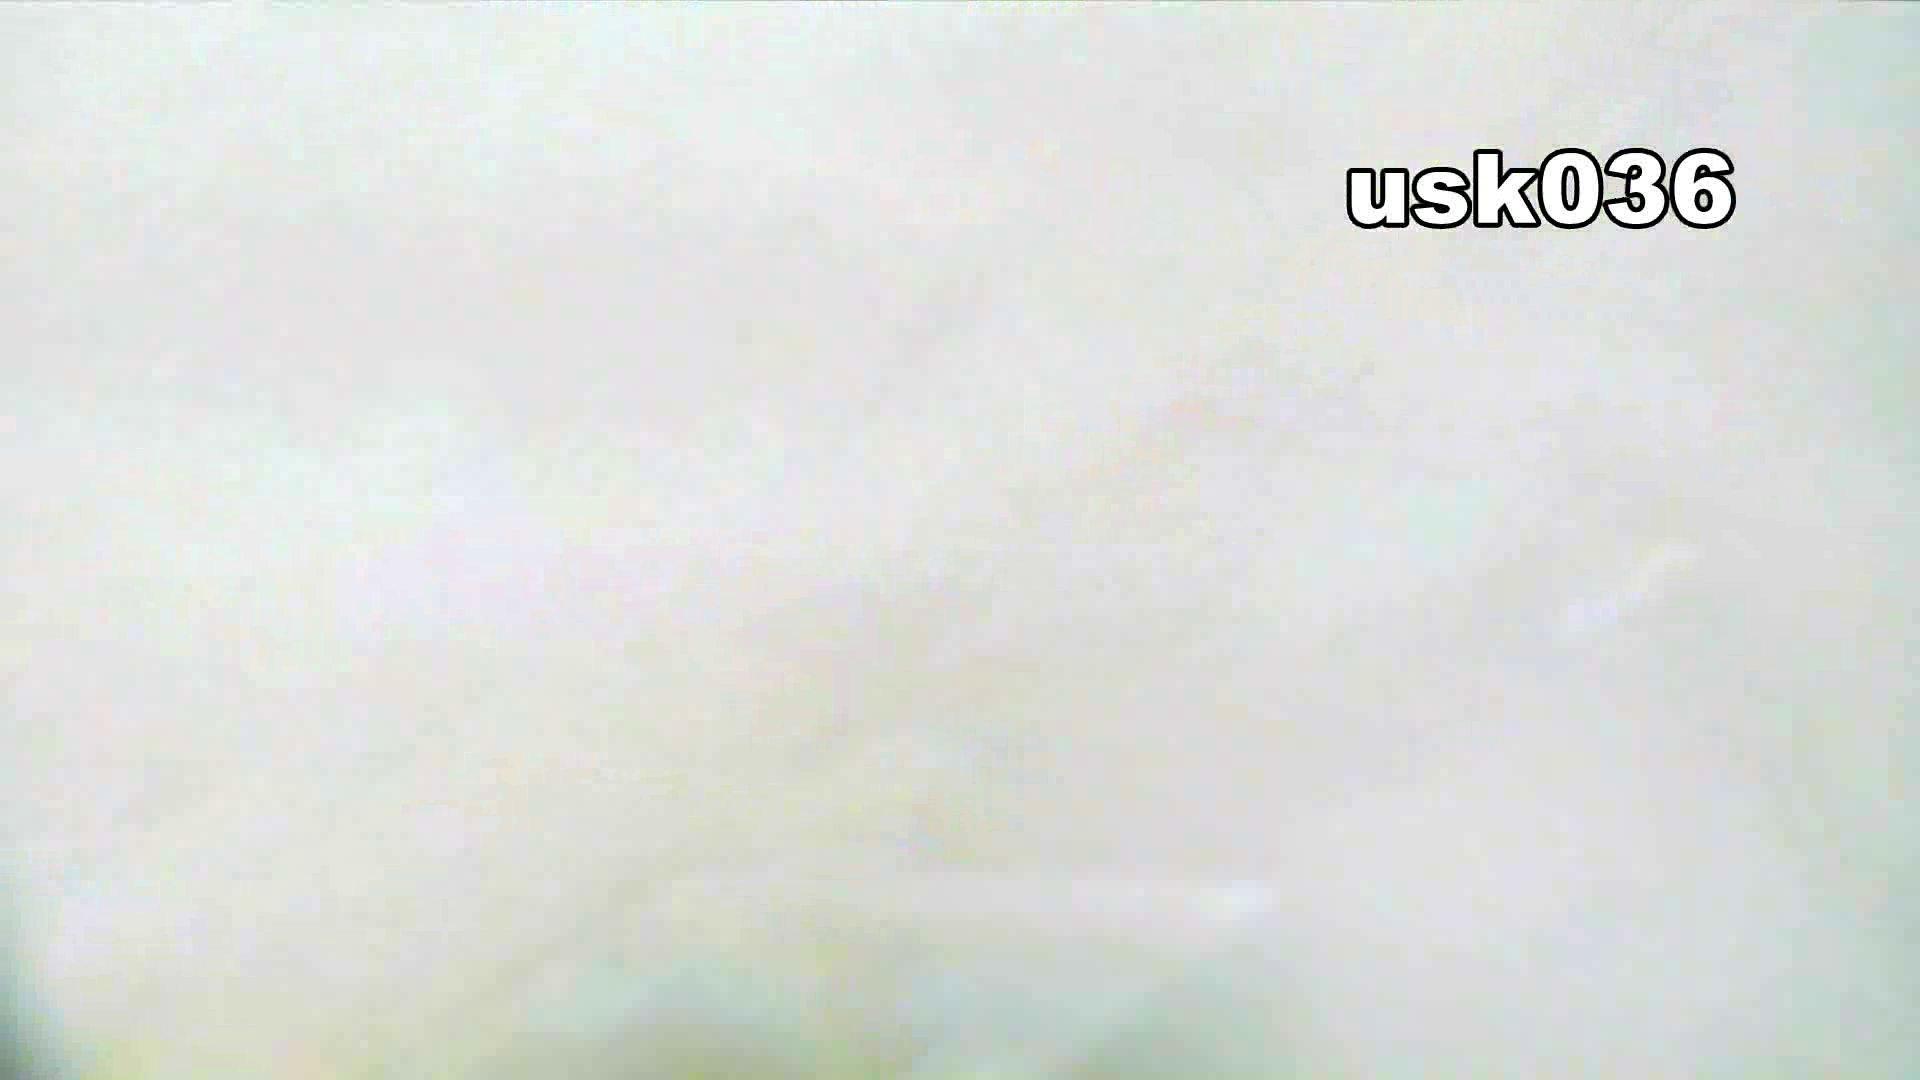 【美しき個室な世界】 vol.036 軟アリ 洗面所 | 色っぽいOL達  92pic 83